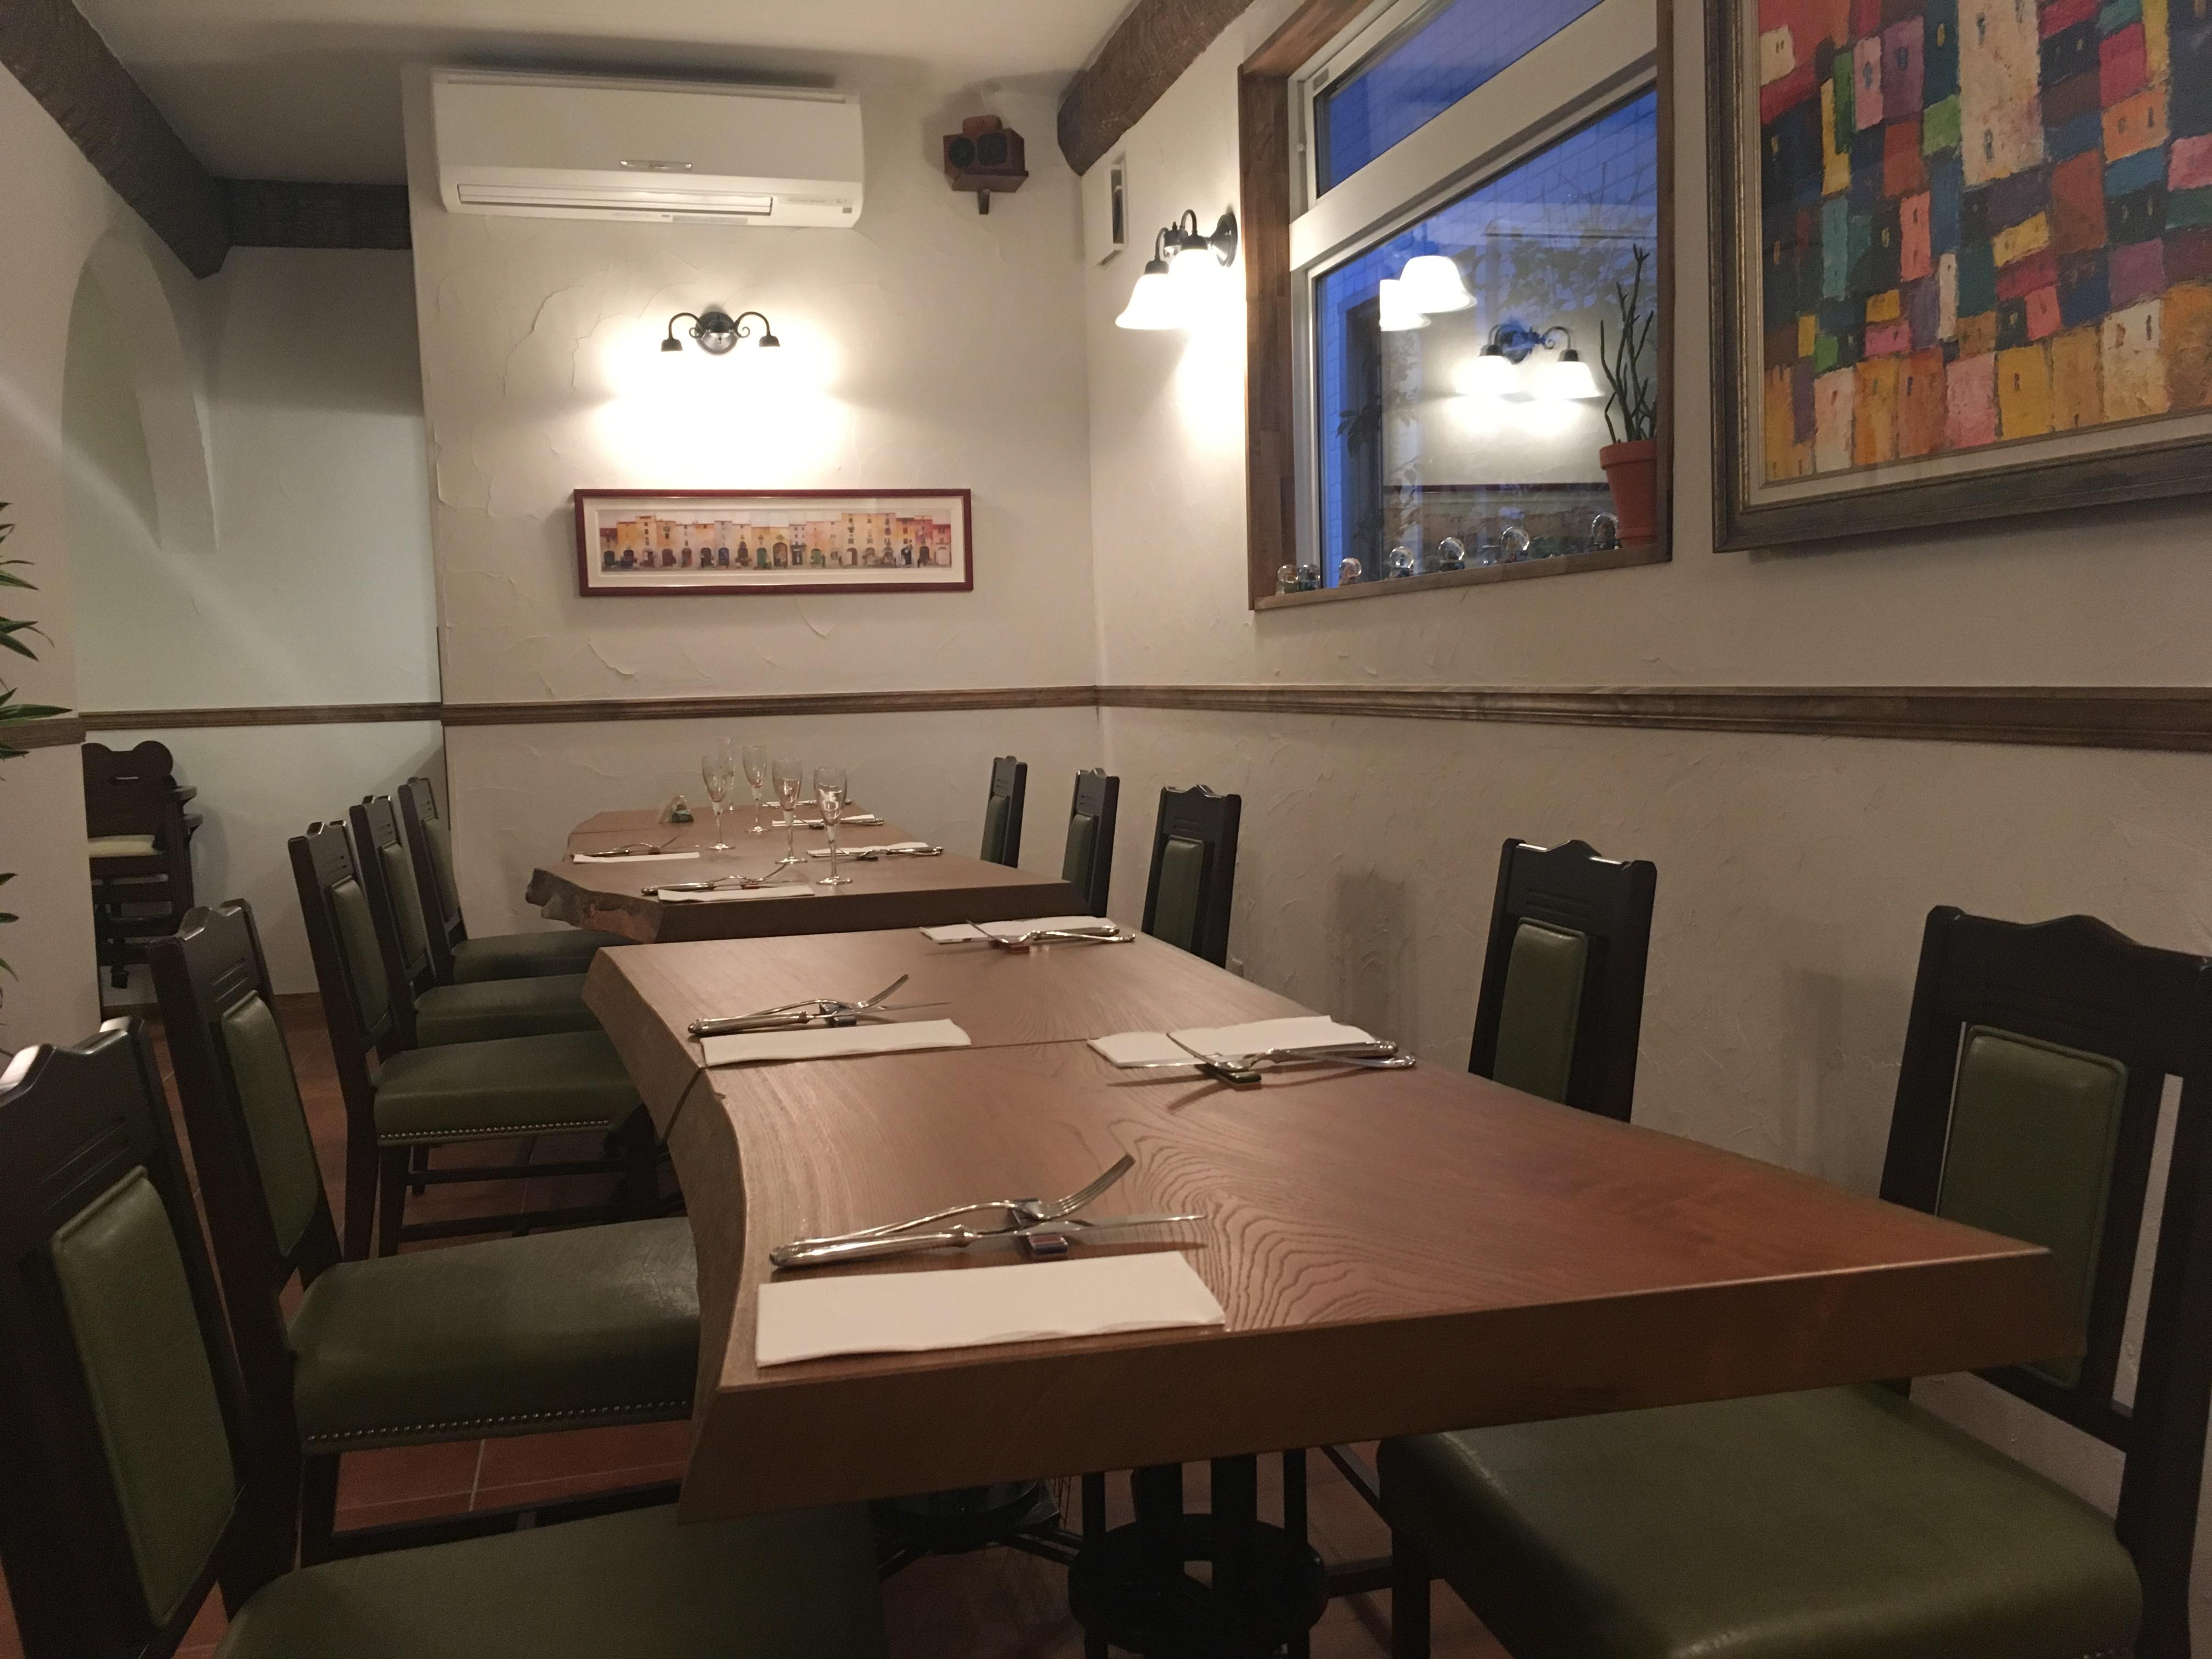 イタリアン好きは必ず抑えたい!岡崎市でトスカーナ料理を提供するサント・スピリト - IMG 5865